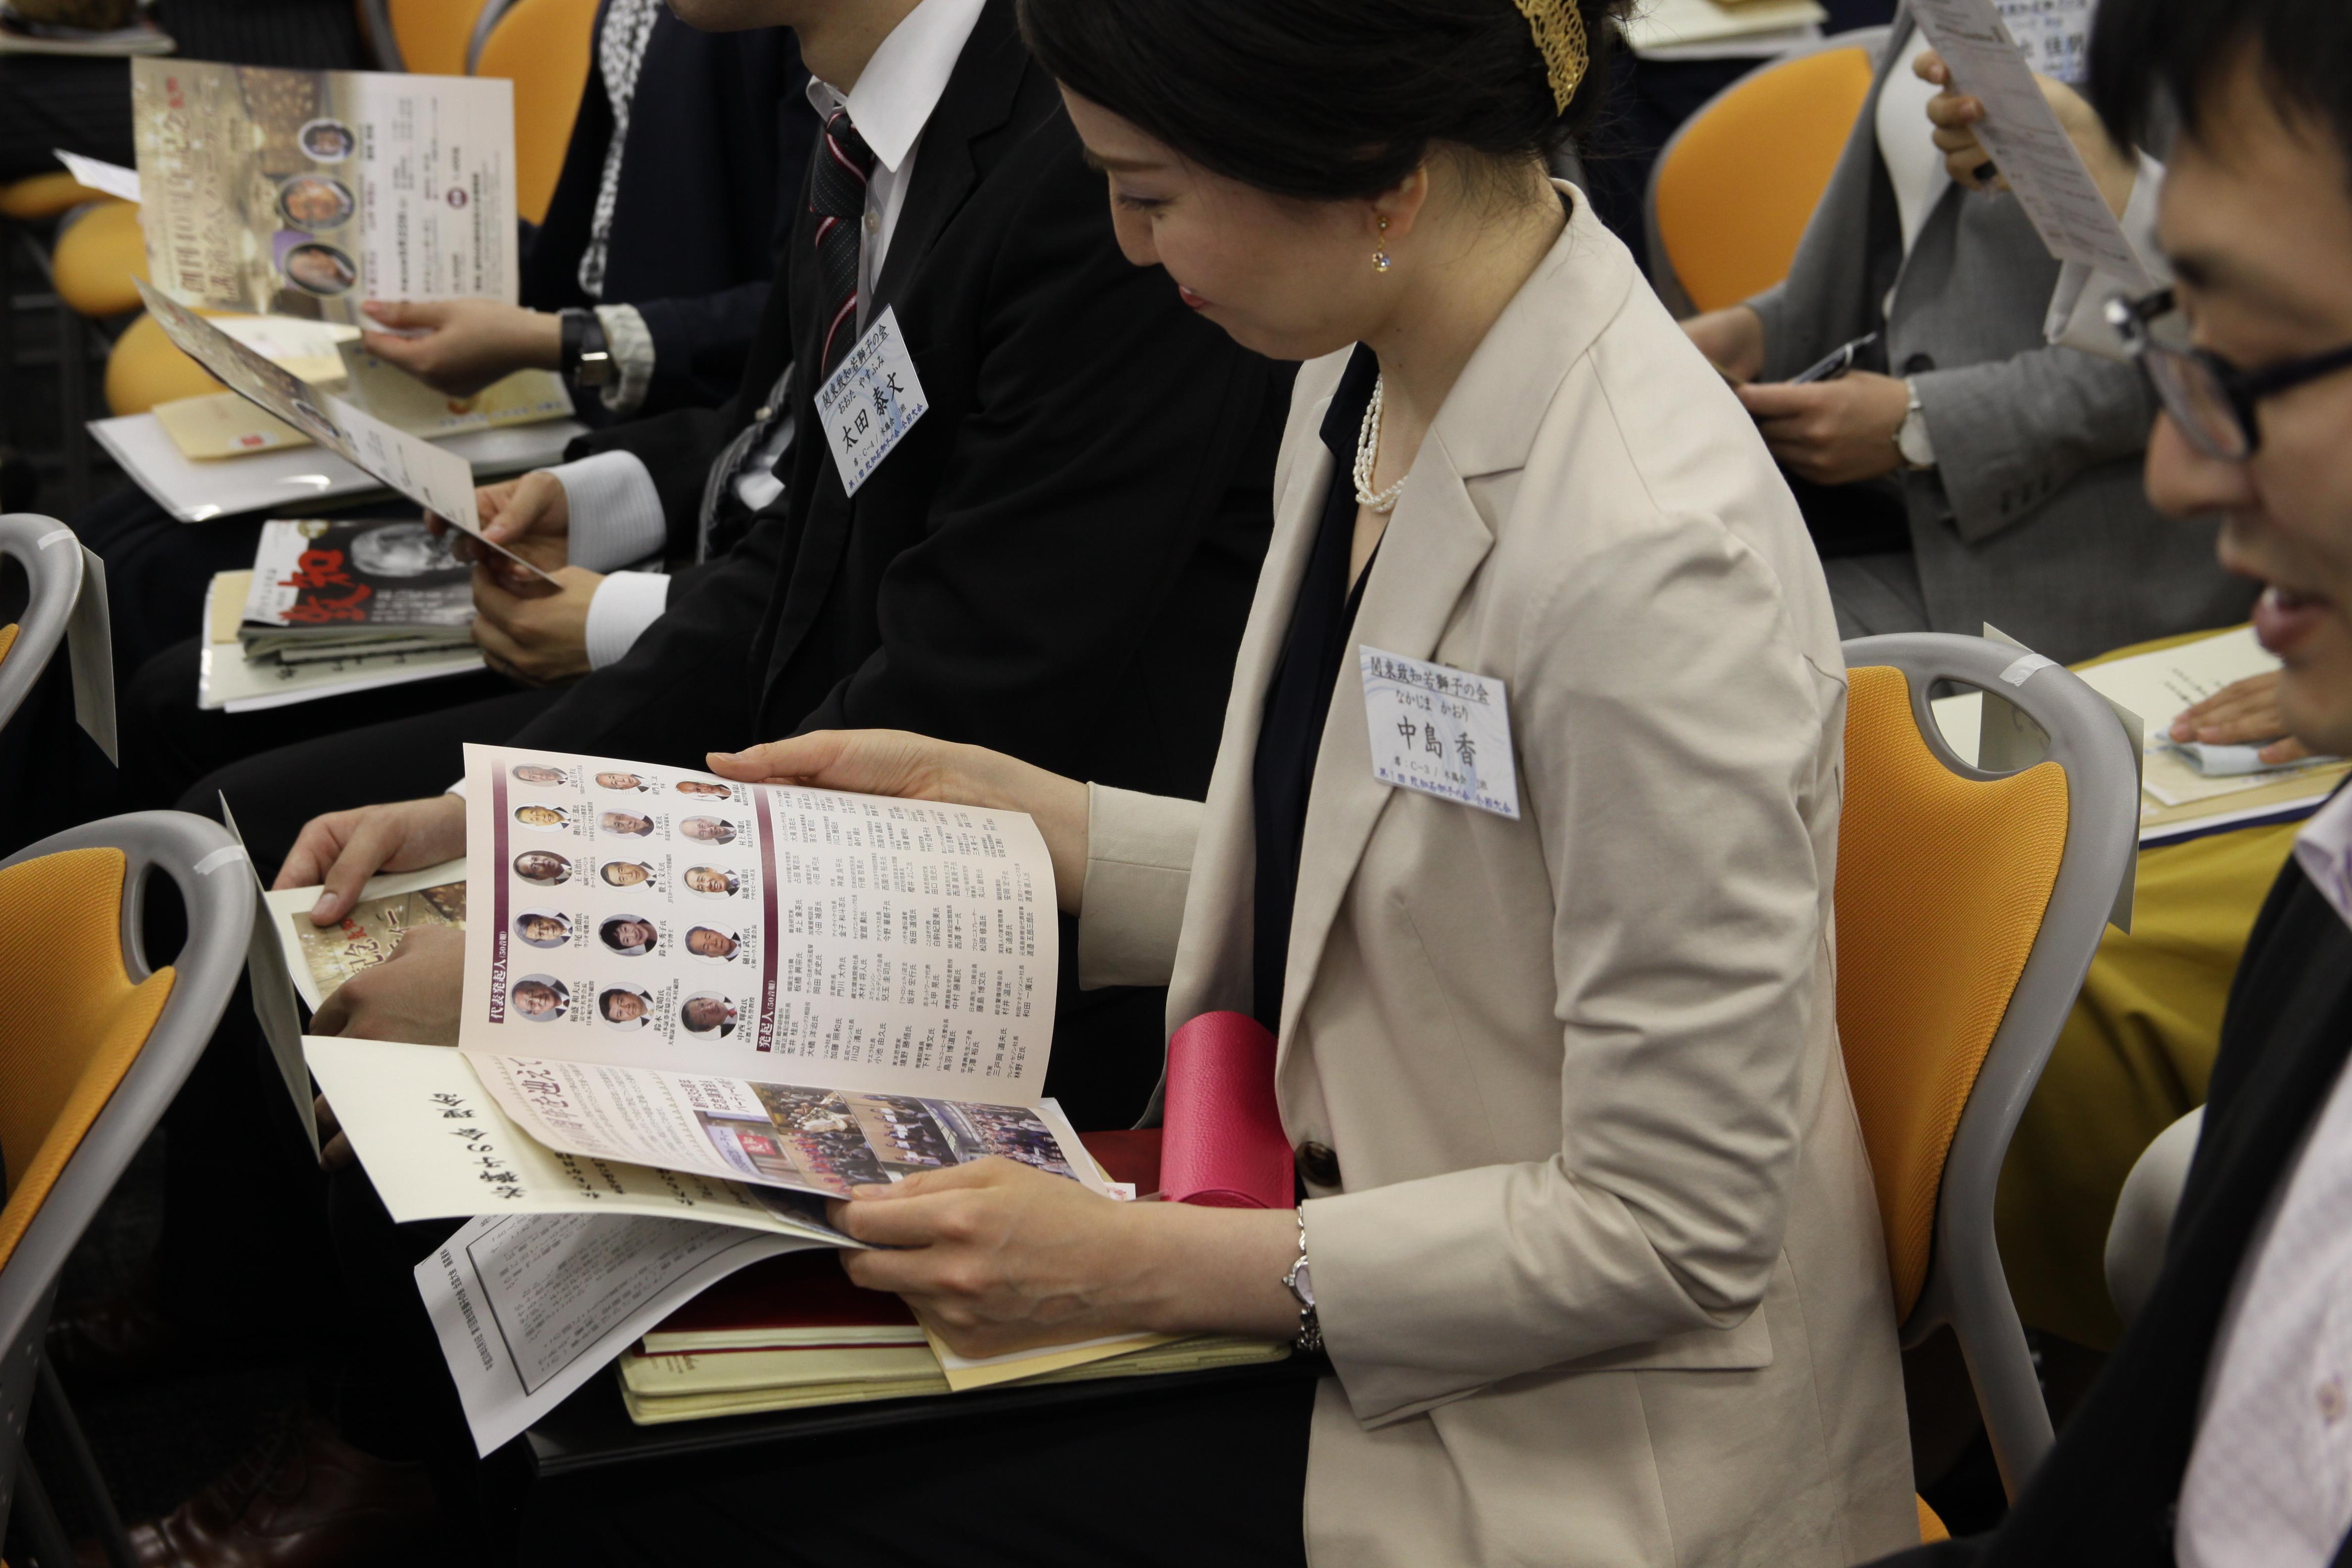 IMG 4508 - 関東若獅子の会、記念すべき第100回